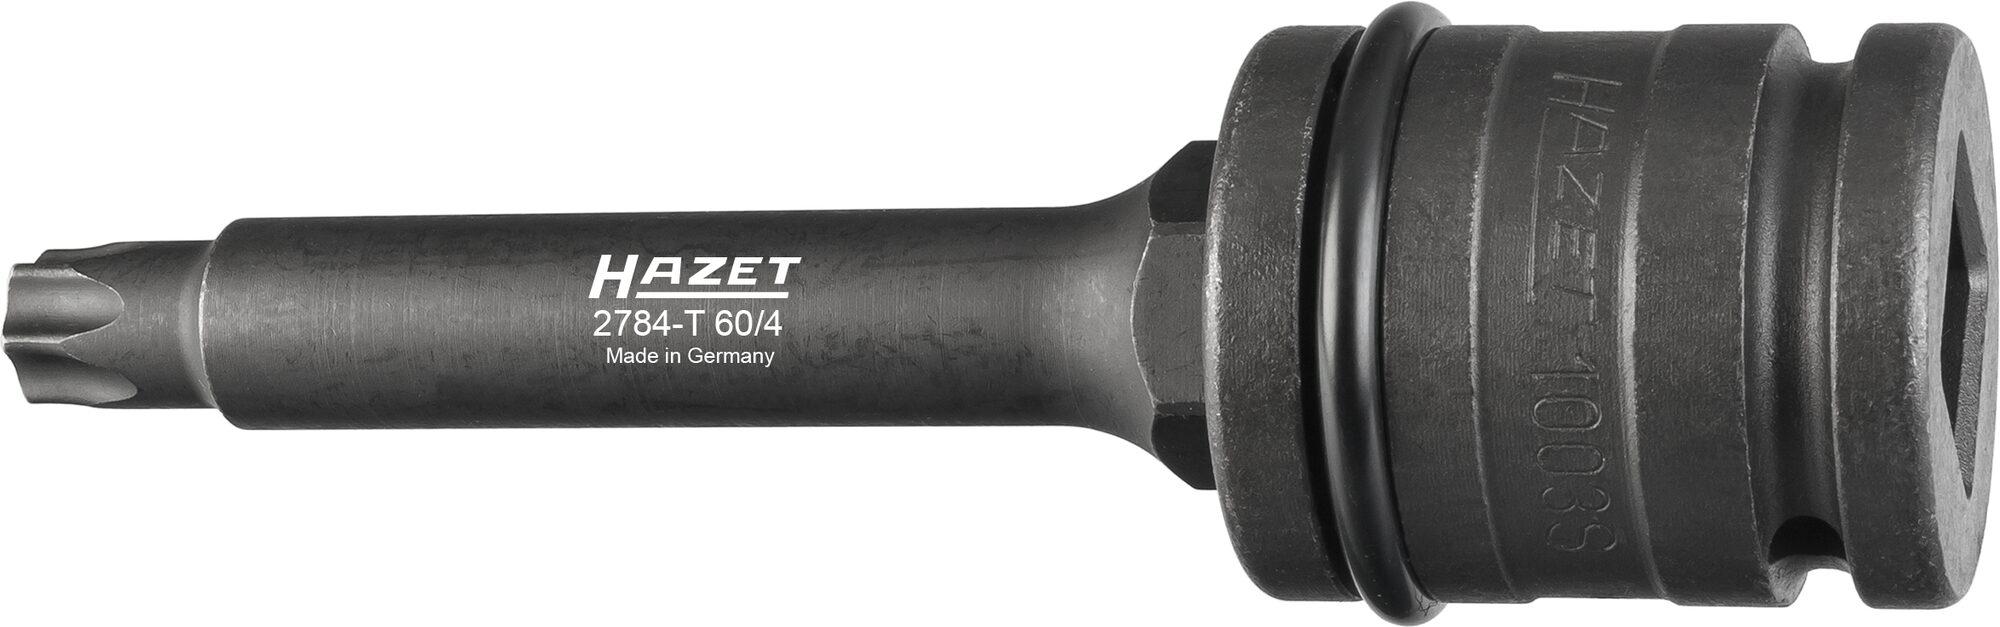 HAZET Bremsscheiben Schraubendreher-Steckschlüsseleinsatz Satz 2784-T60/4 ∙ Vierkant hohl 20 mm (3/4 Zoll) ∙ T60